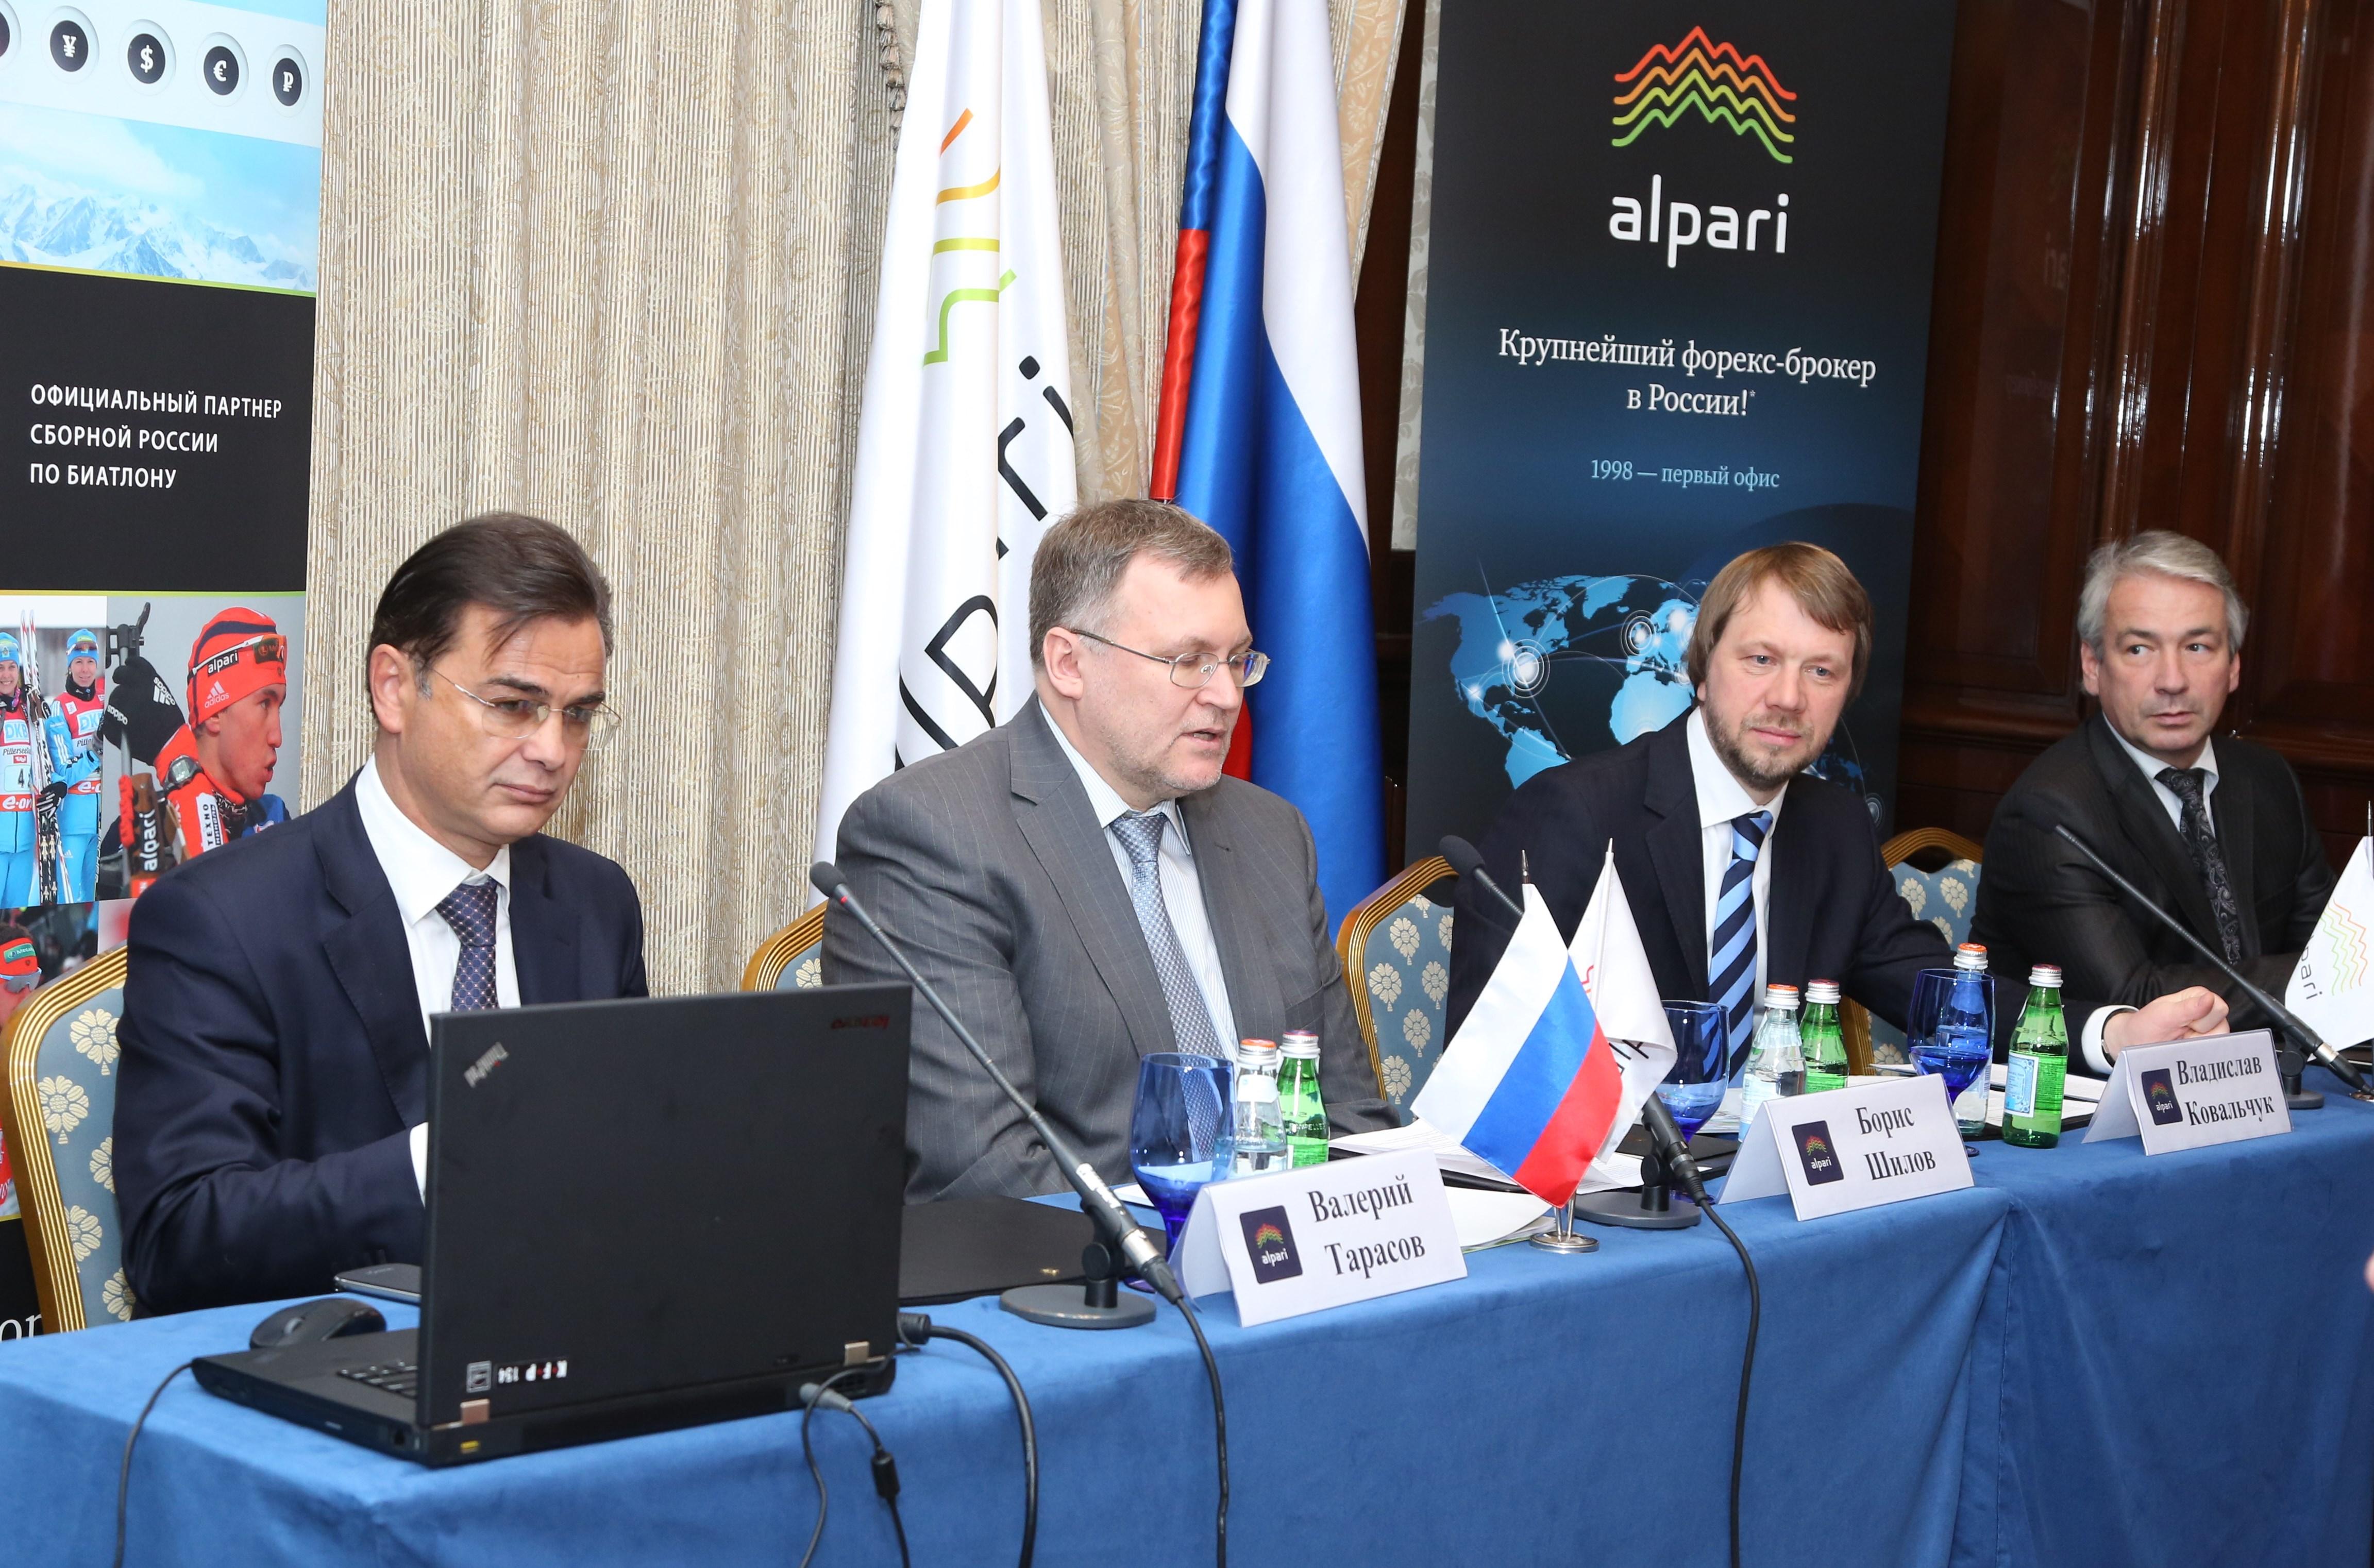 Международный бизнесфорум форекс в россии 2016